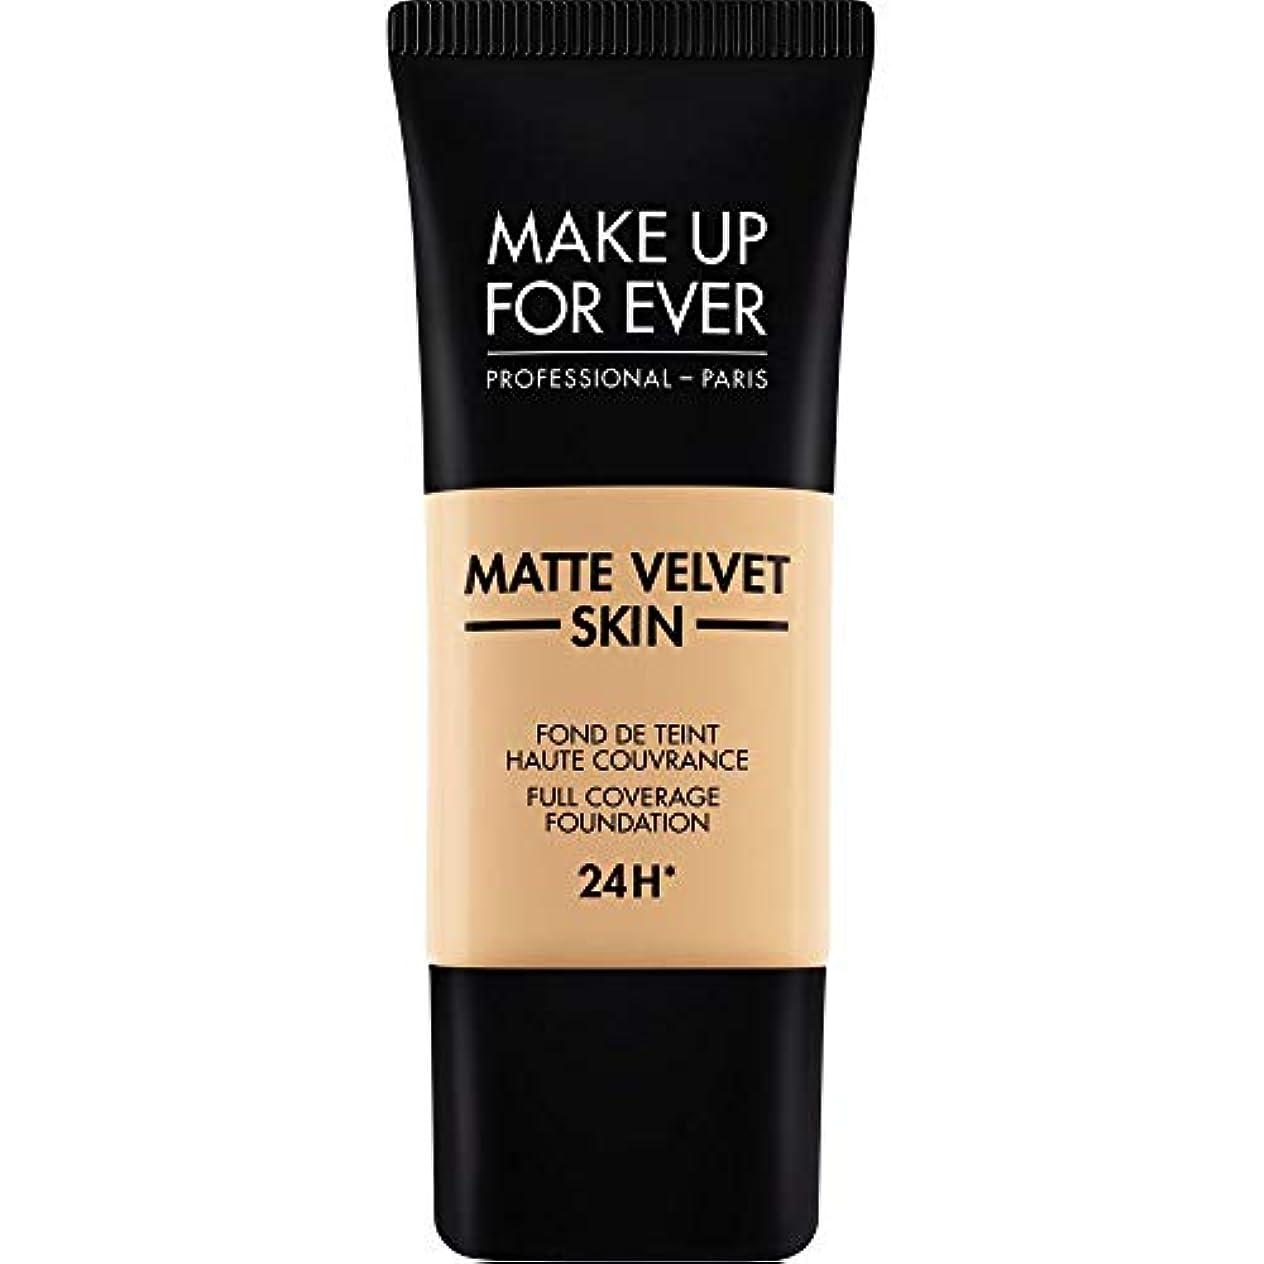 画像デクリメントグラマー[MAKE UP FOR EVER ] 暗い砂 - これまでマットベルベットの皮膚のフルカバレッジ基礎30ミリリットルのY335を補います - MAKE UP FOR EVER Matte Velvet Skin Full...